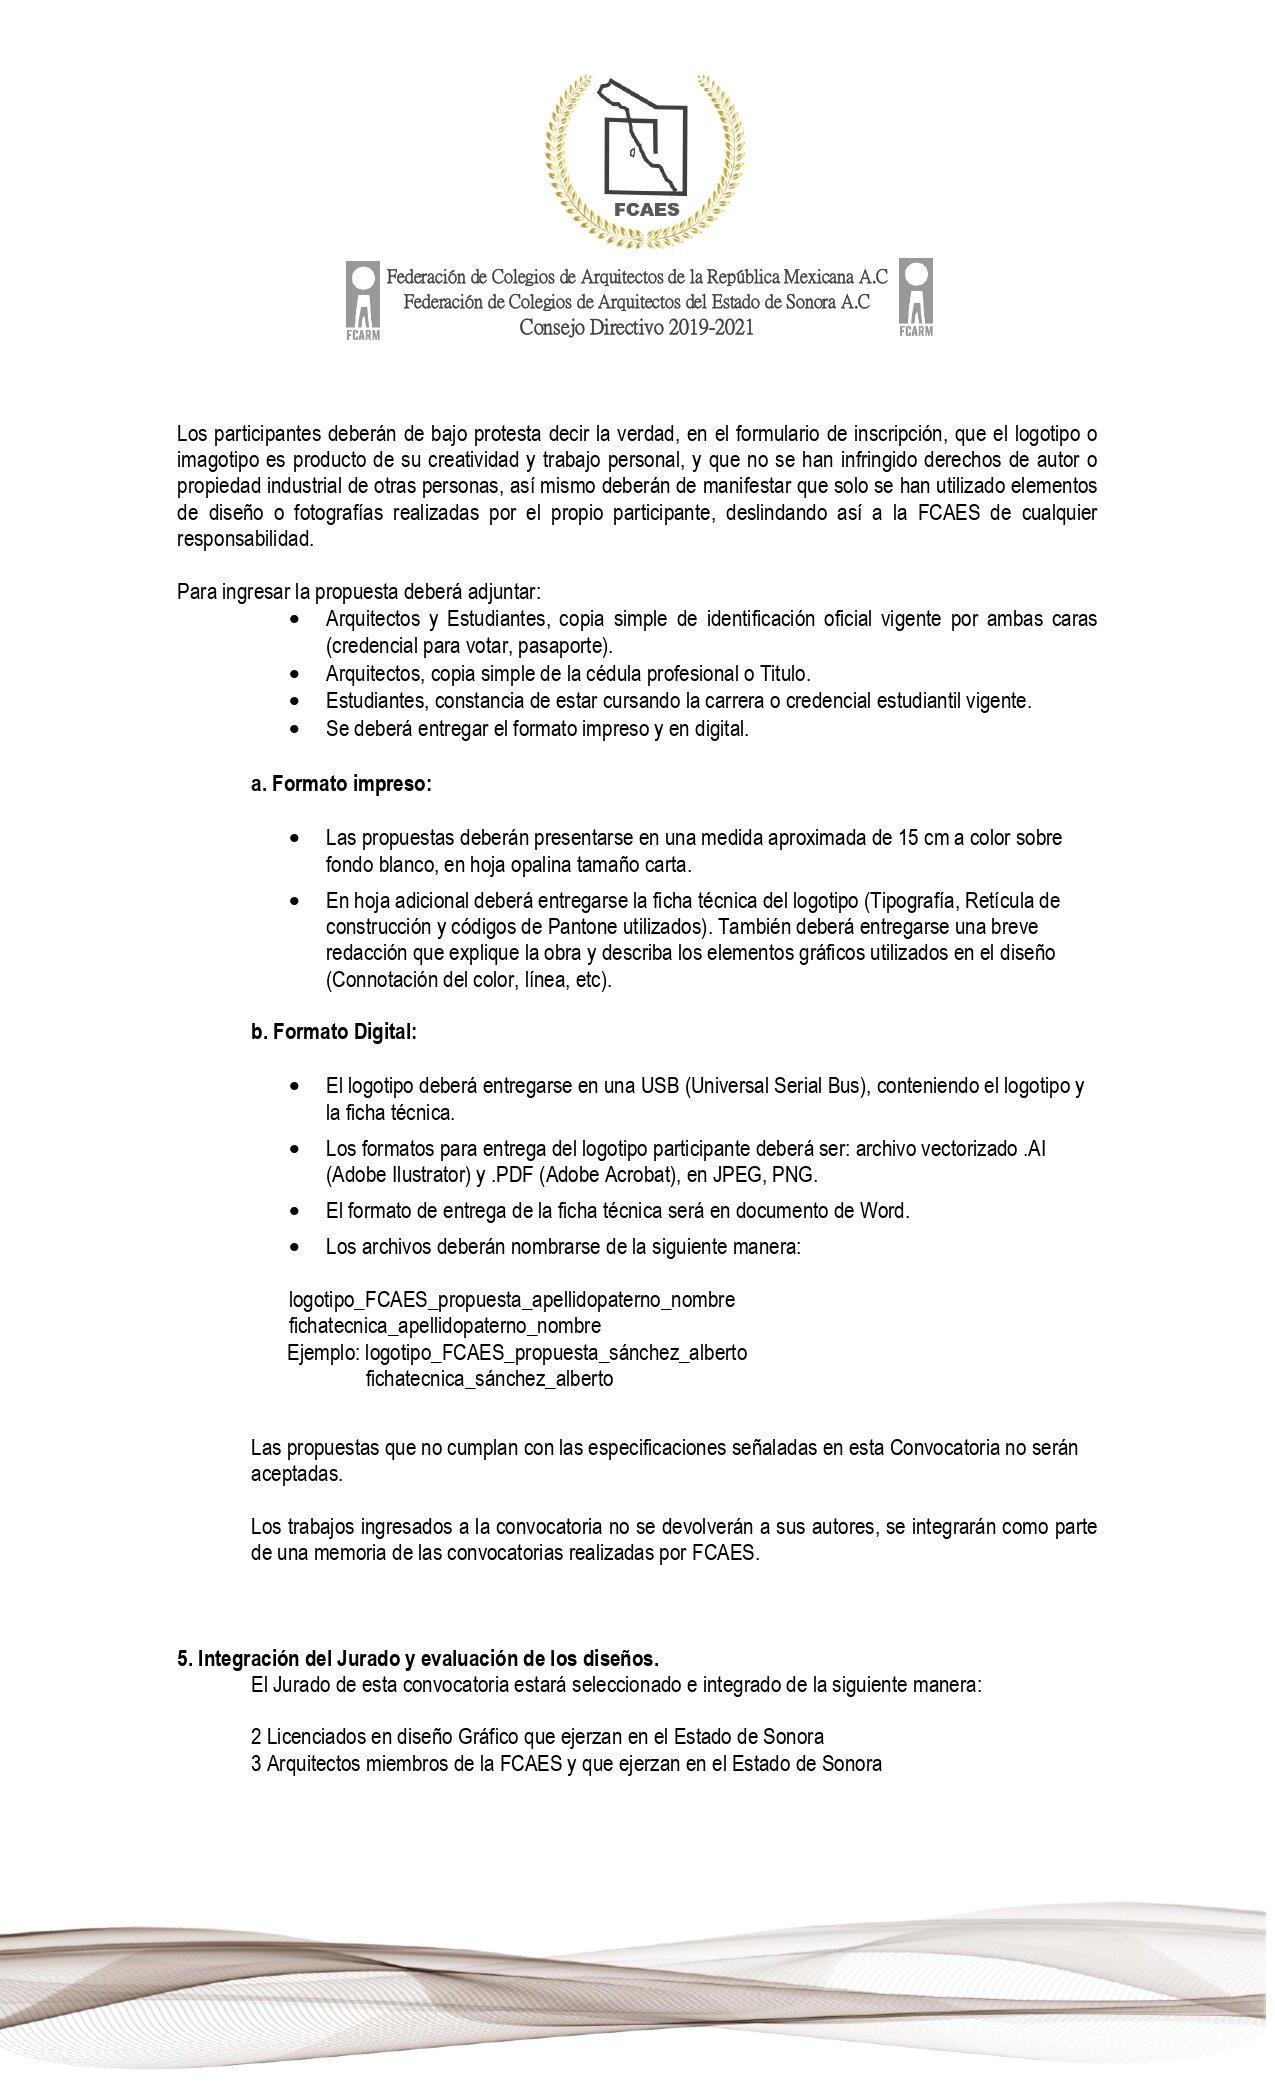 CONVOCATORIA ABIERTA A ARQUITECTOS Y ESTUDIANTES LOGOTIPO FCAES_page-0002.jpg